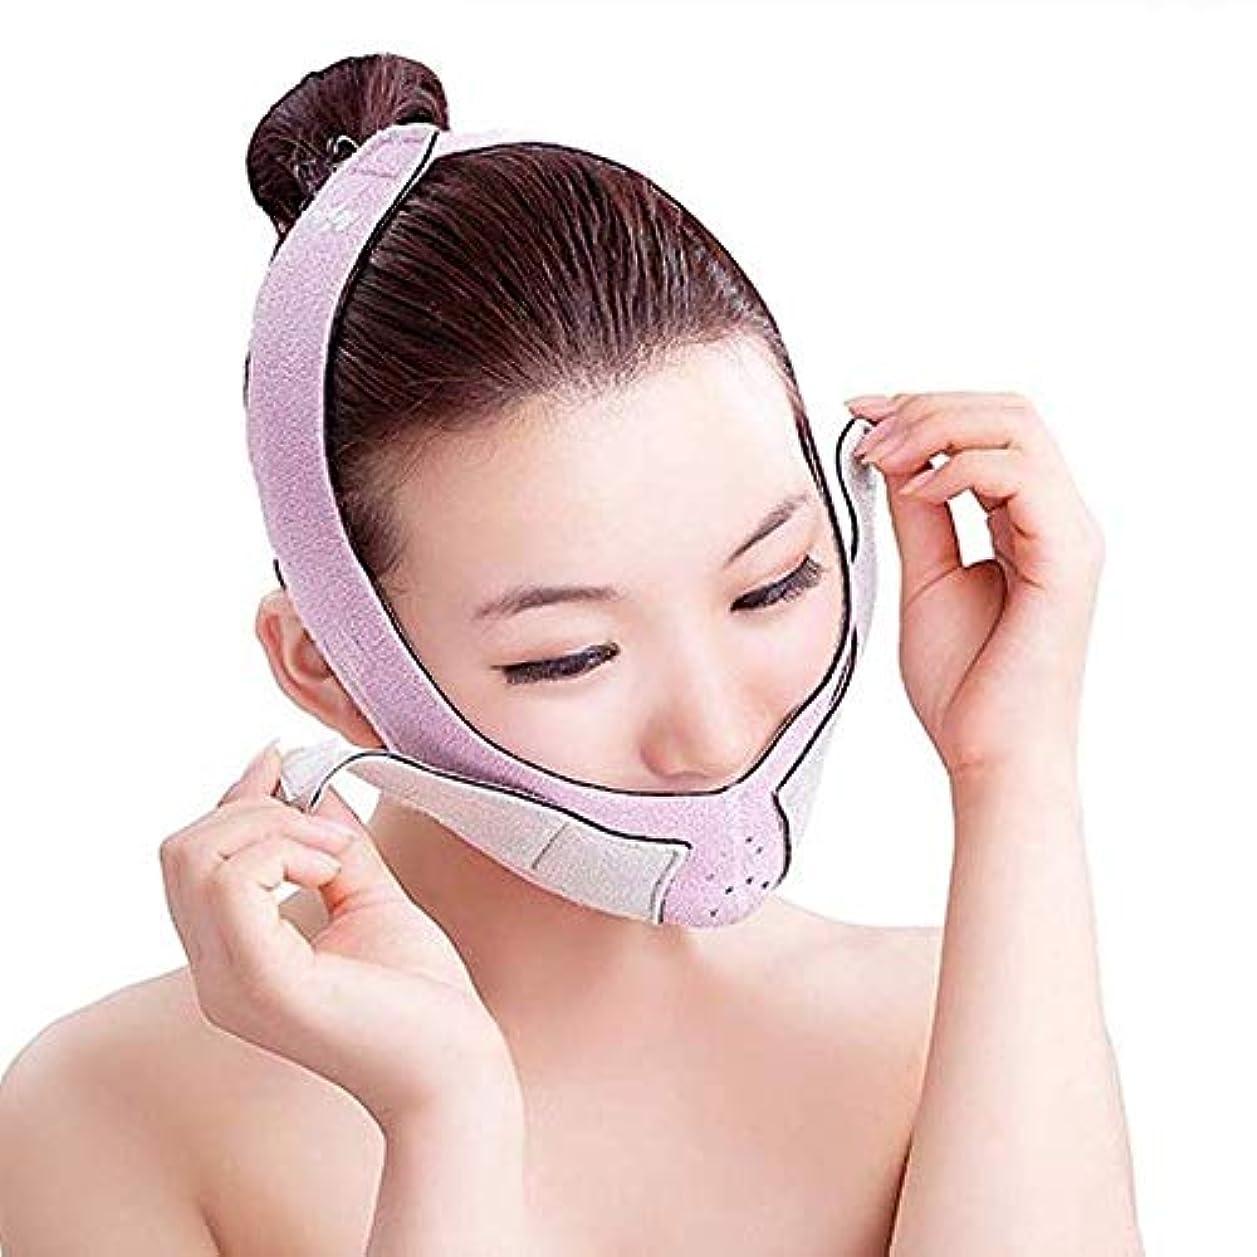 最大限解放する分布HEMFV フェイススリミングマスク、3Dフェイスリフトスリミングフェイシャルマスク、皮膚のたるみを排除 - アンチエイジング痛み無料ウェイVフェイスラインベルトチンチークスリムリフト